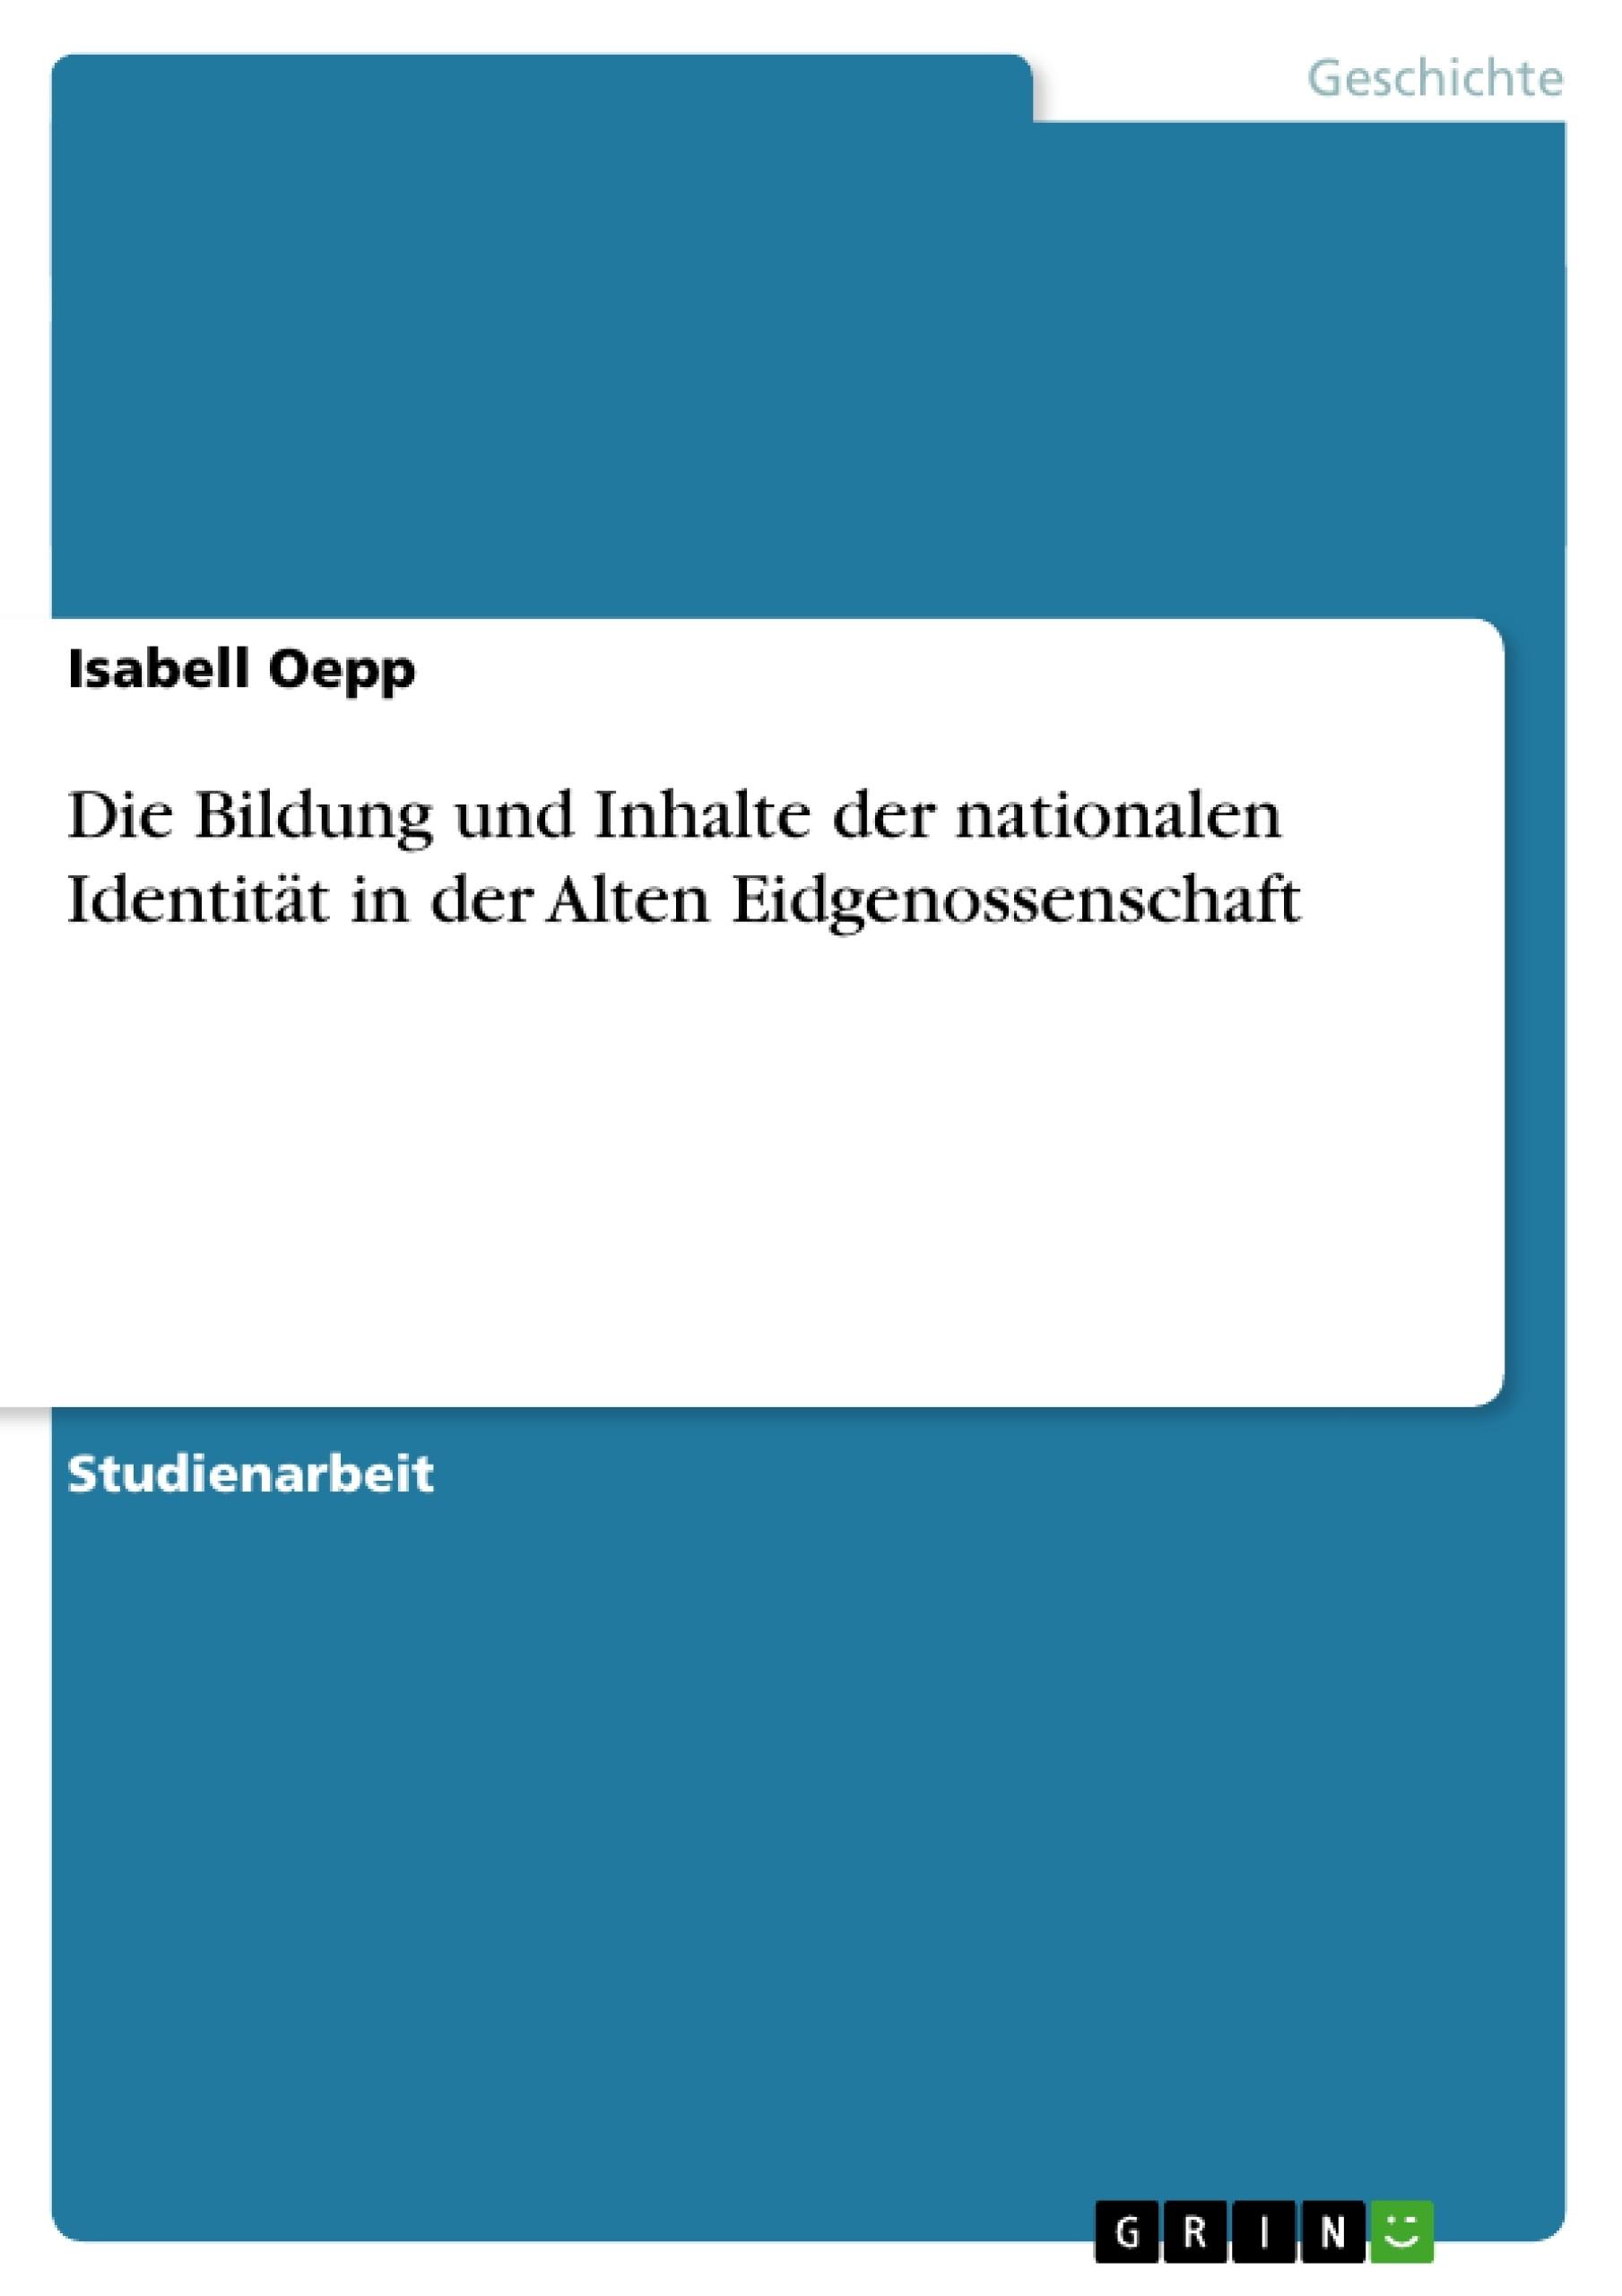 Titel: Die Bildung und Inhalte der nationalen Identität in der Alten Eidgenossenschaft